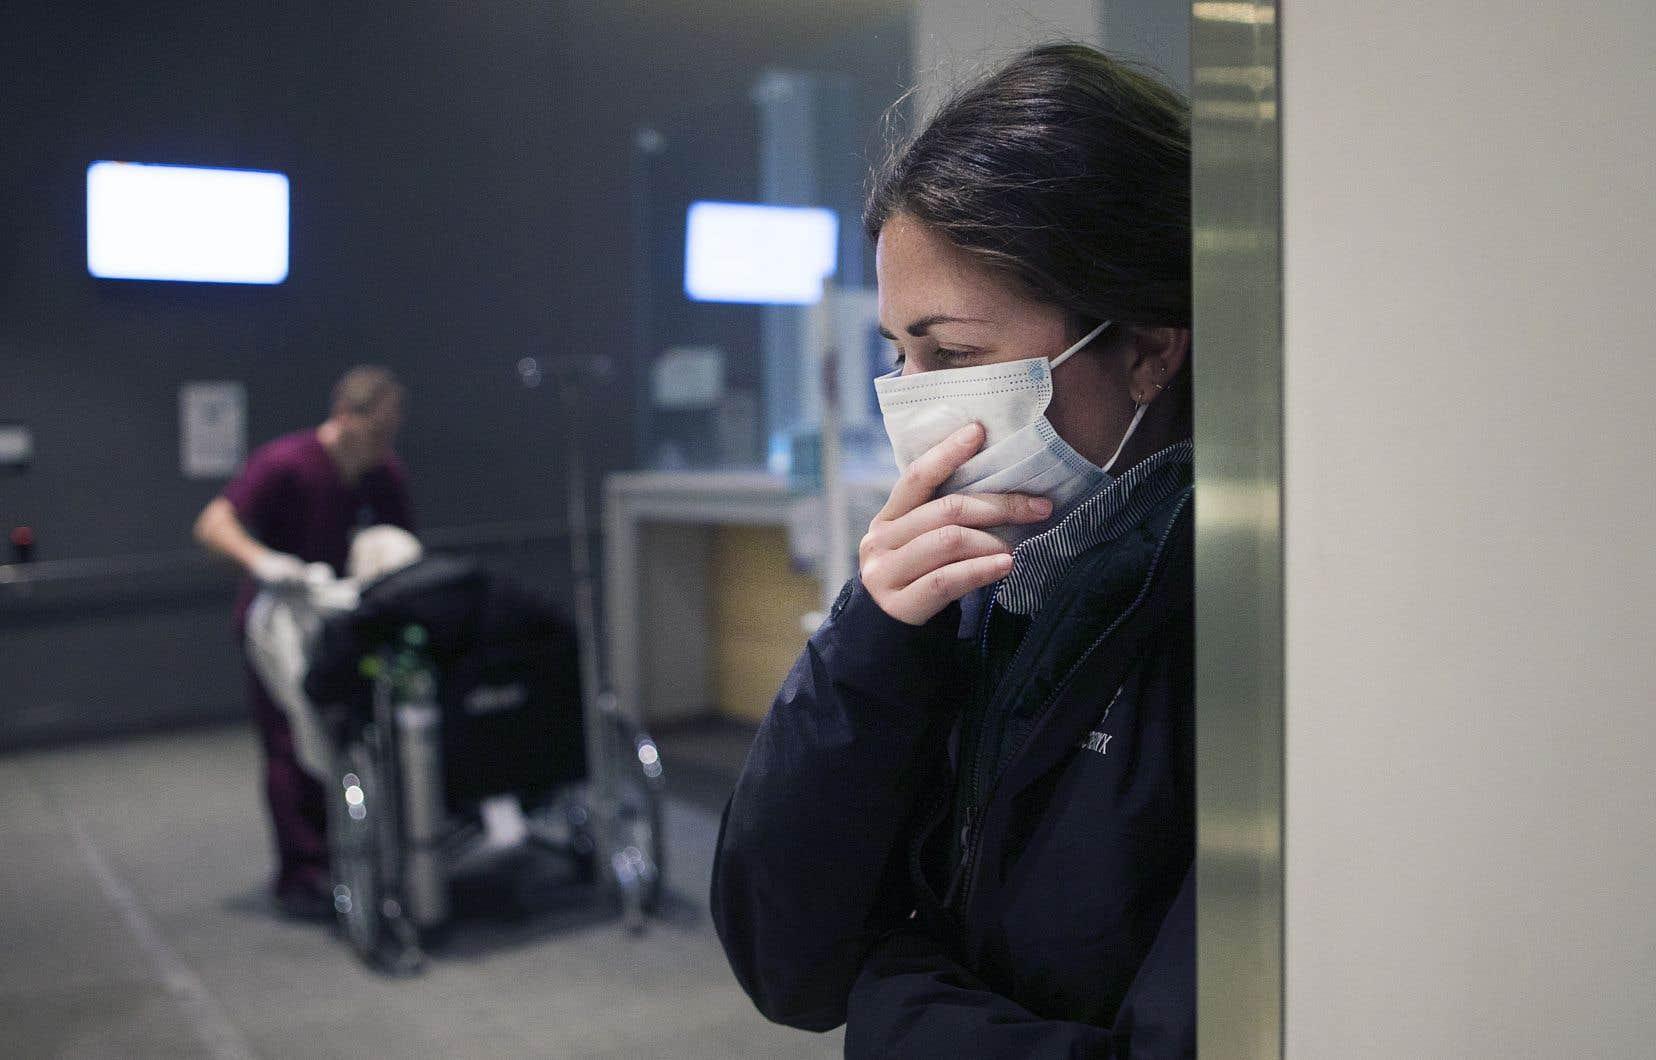 La saison de la grippe bat son plein et les urgences débordent en dépit de l'activation de cliniques hivernales censées soulager les hôpitaux.